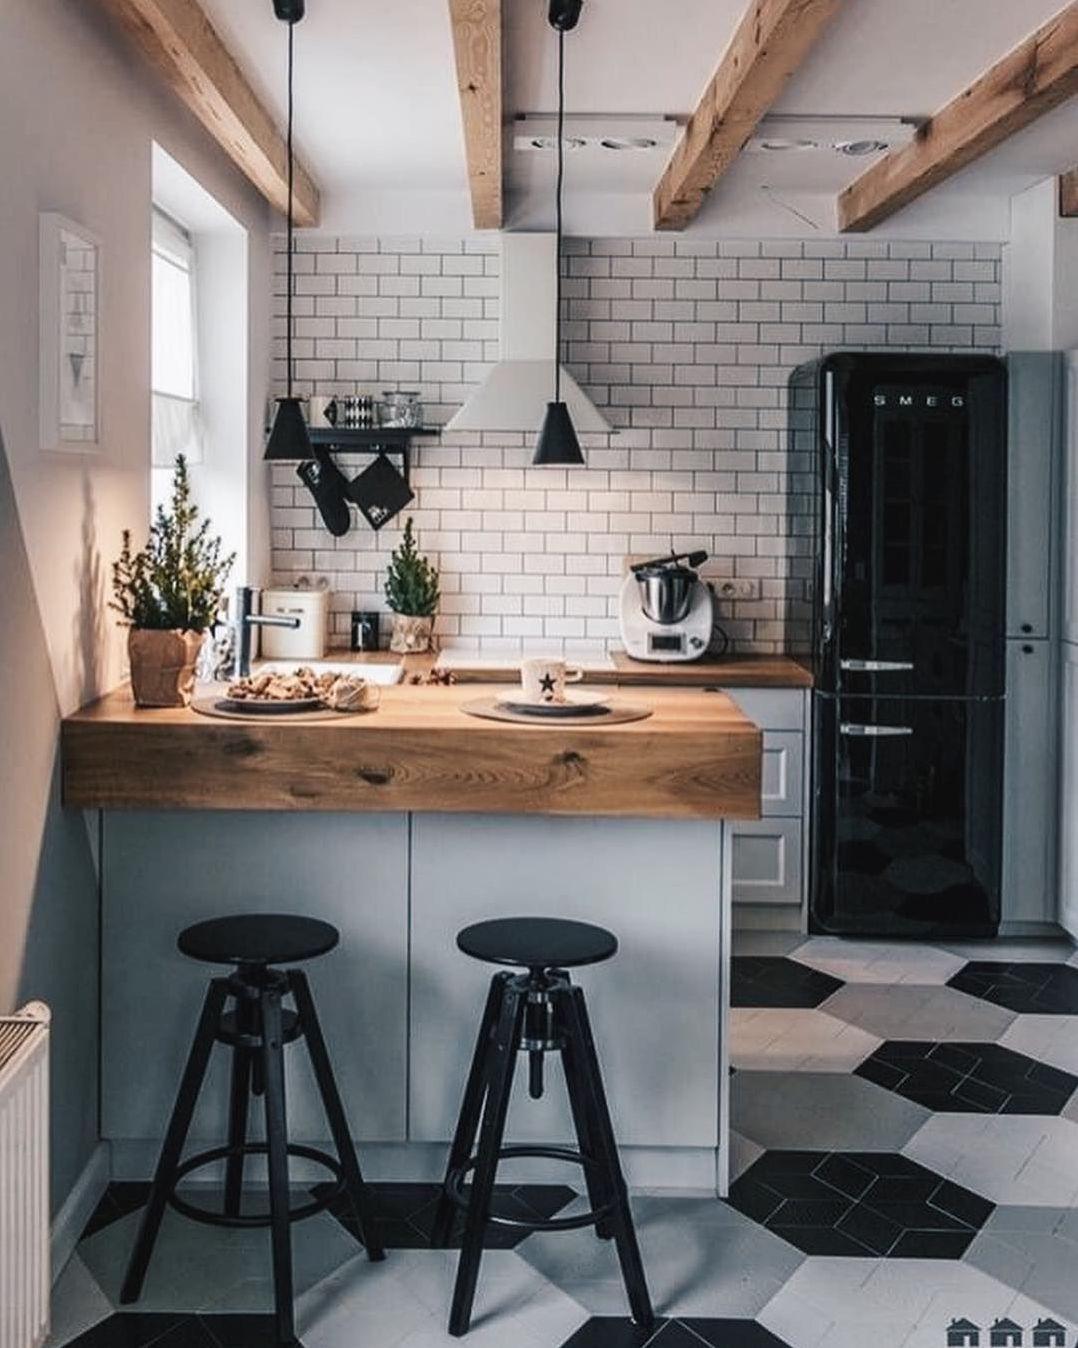 17 Stunning Small Kitchen Design Ideas Futurian Kitchen Design Small Interior Design Kitchen Small Kitchen Decor